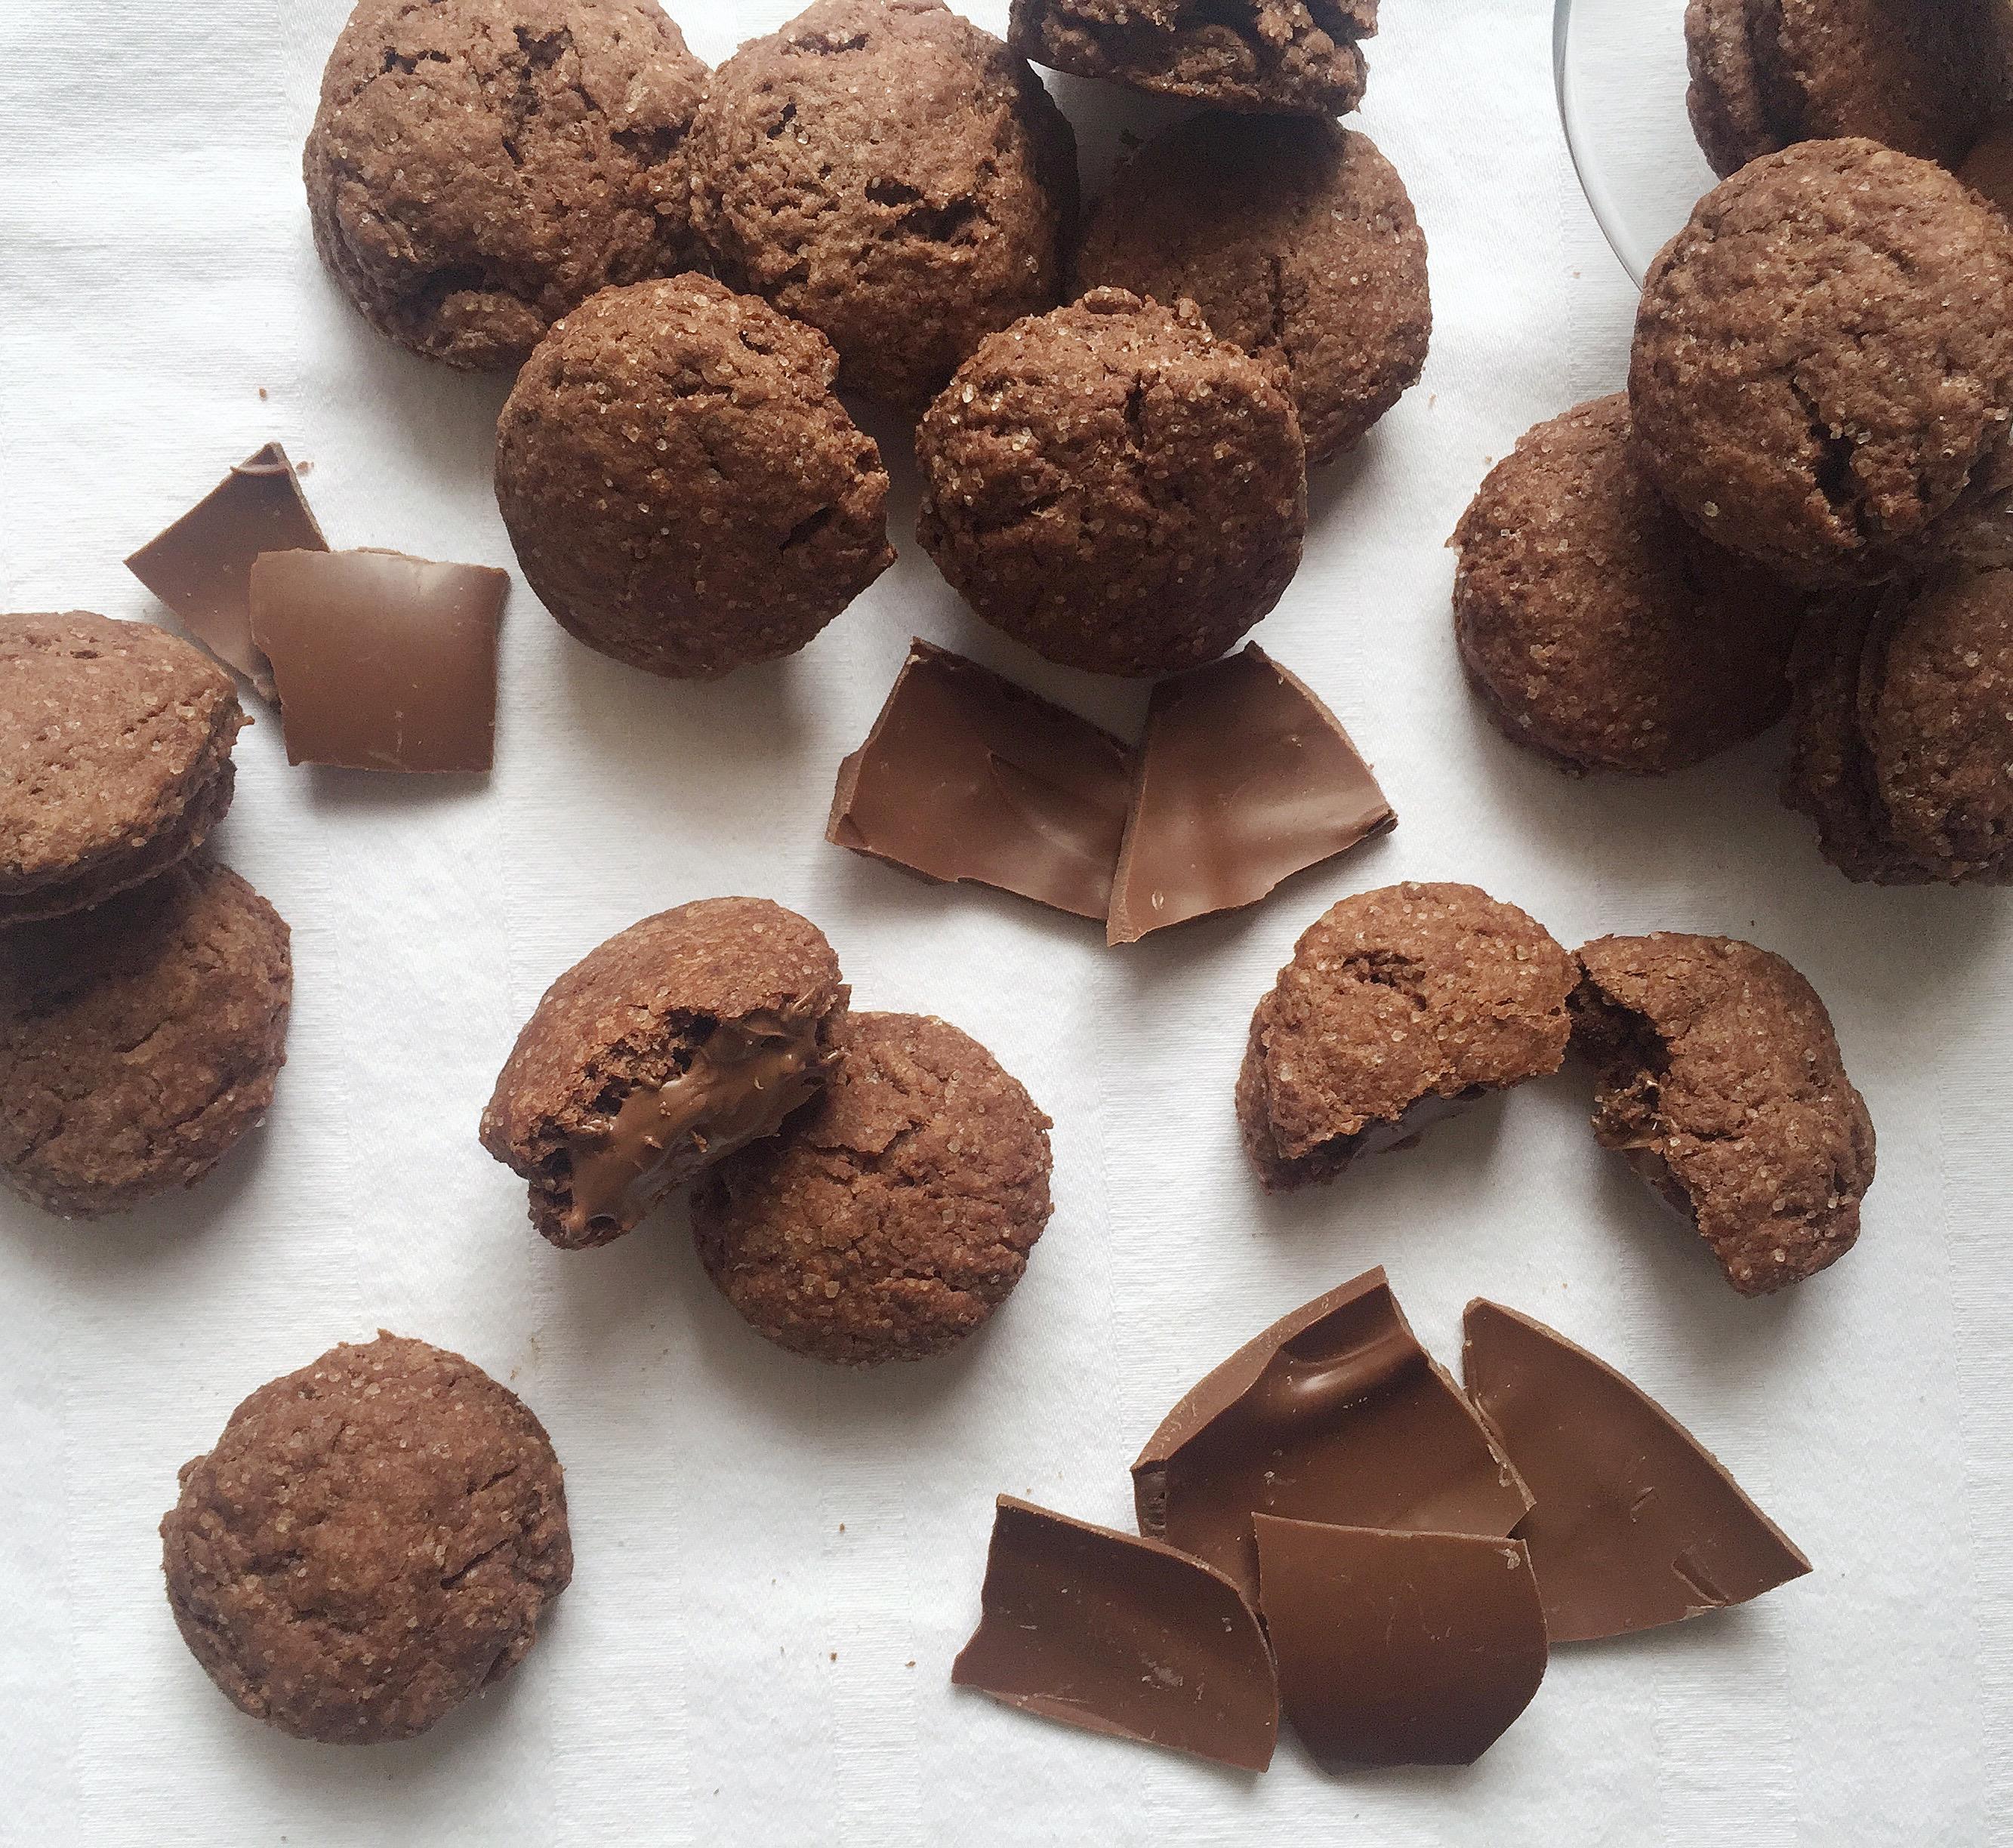 Grisbi Fatti in Casa, i famosi biscotti con il ripieno morbido al cioccolato di dolci senza burro